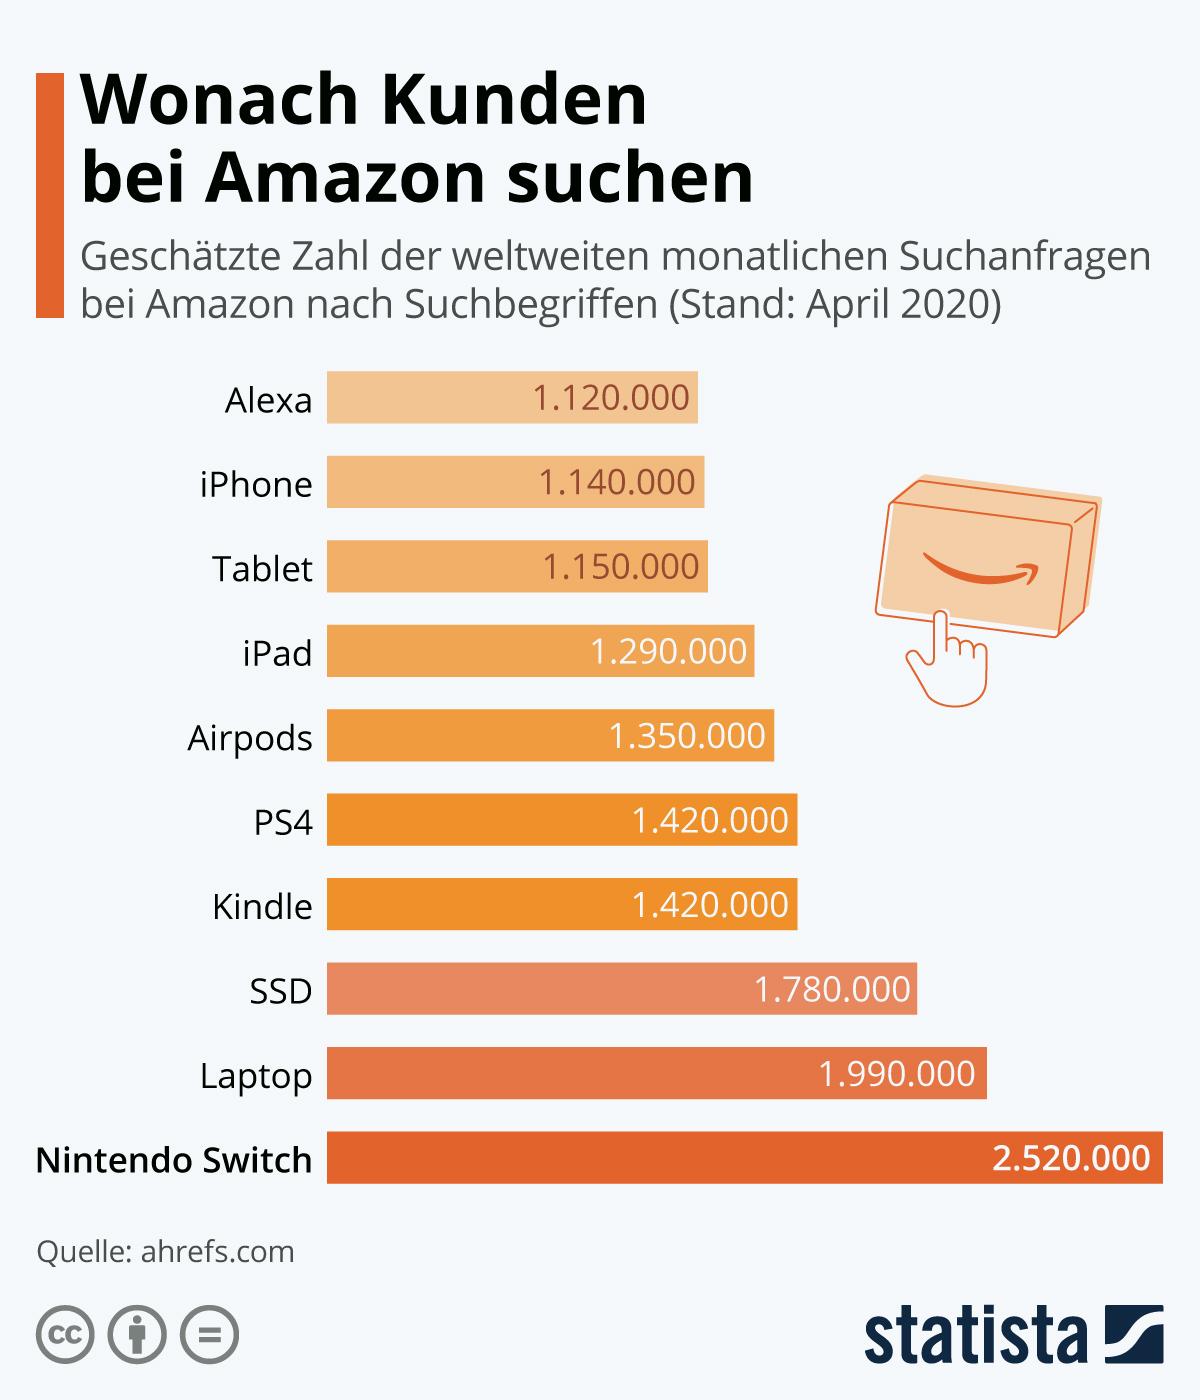 Amazon Suchanfragen 2020